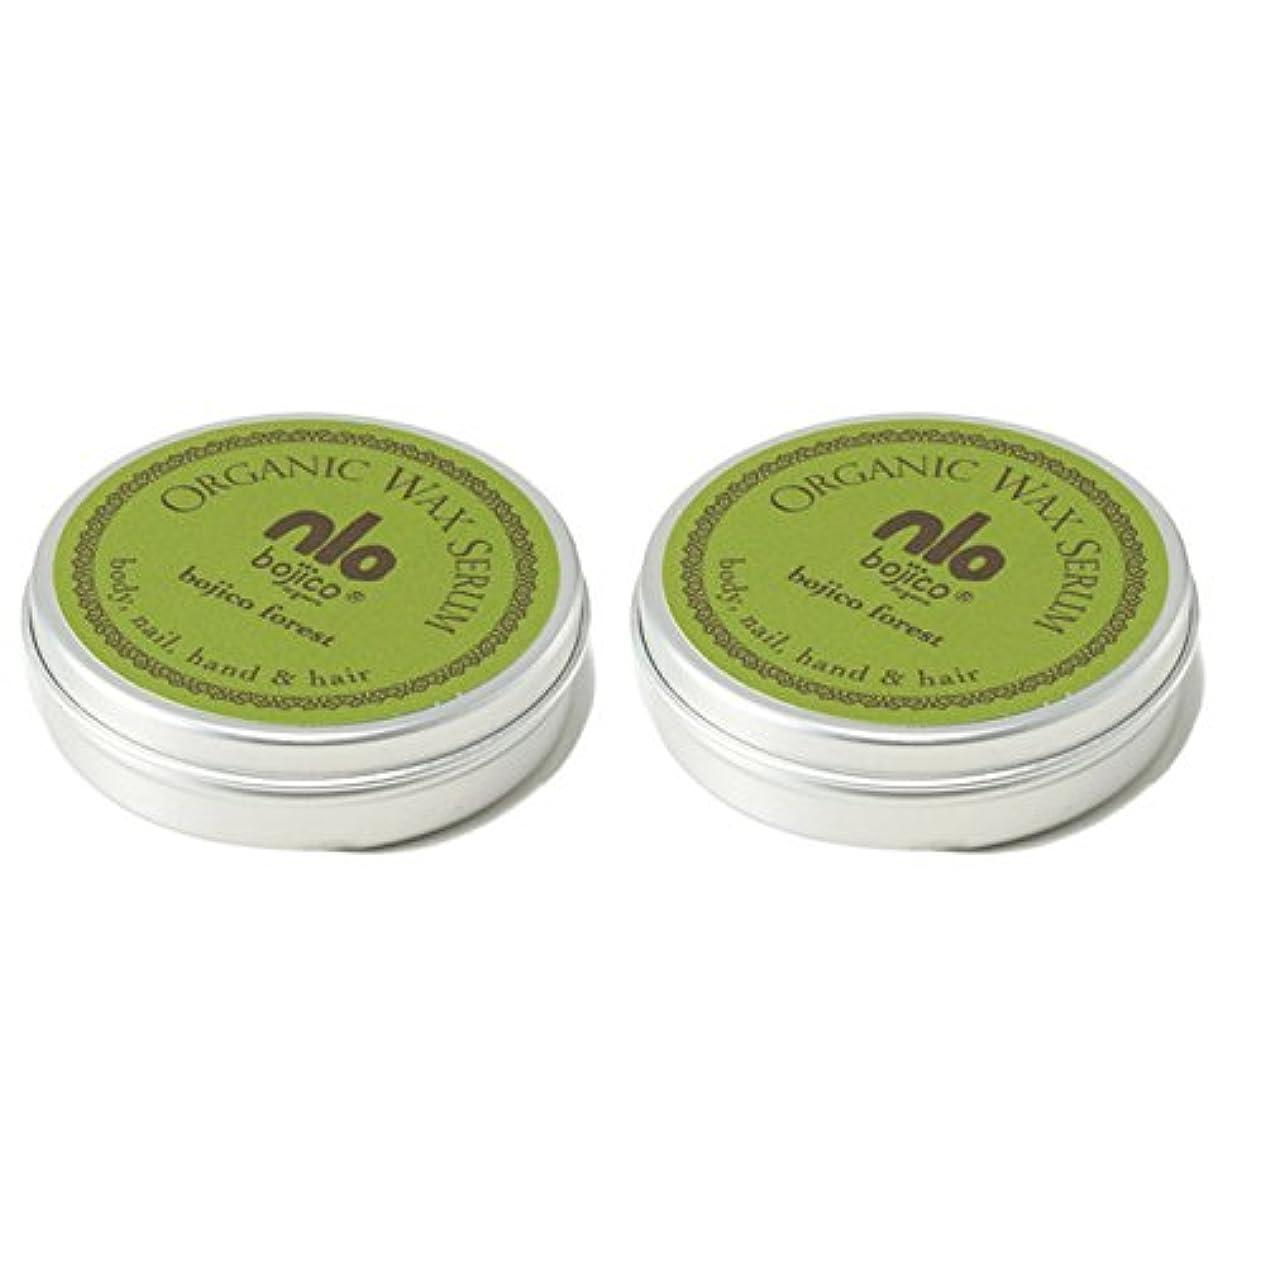 回転する孤児路面電車【40g×2個セット】 ボジコ オーガニック ワックス セラム <フォレスト> bojico Organic Wax Serum 40g×2